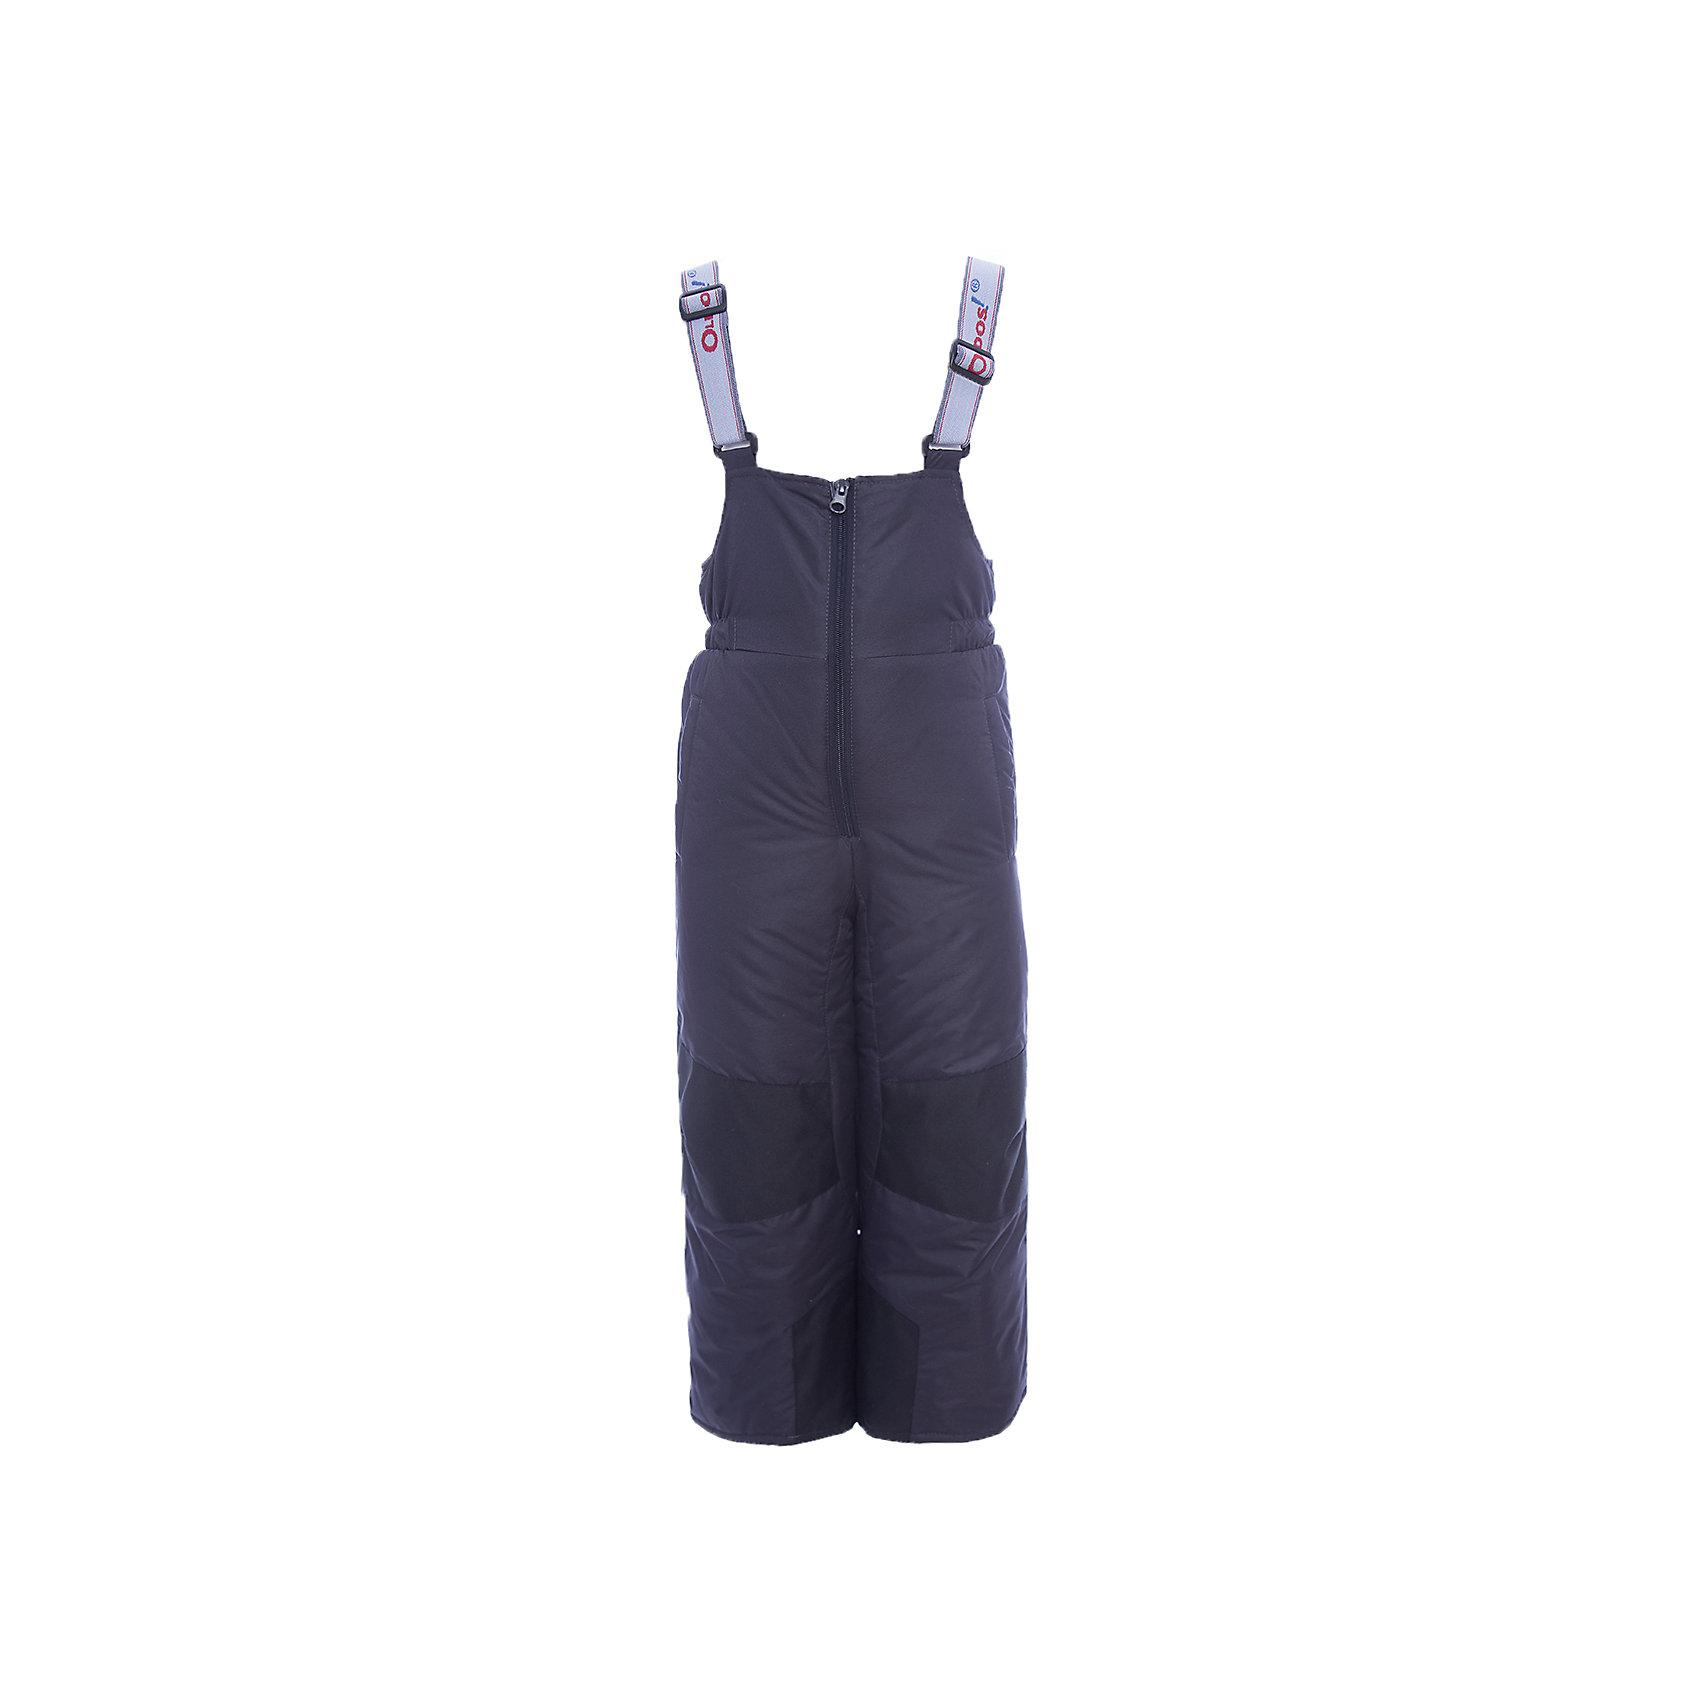 Полукомбинезон Зима OLDOS для мальчикаВерхняя одежда<br>Характеристики товара:<br><br>• цвет: синий<br>• состав ткани: 100% полиэстер, пропитка PU, Teflon<br>• подкладка: полиэстер<br>• утеплитель: Hollofan 200 г/м2<br>• сезон: зима<br>• температурный режим: от -35 до 0<br>• застежка: молния<br>• усиление брючин износостойкой тканью<br>• страна бренда: Россия<br>• страна изготовитель: Россия<br><br>Этот теплый детский полукомбинезон снабжен застежкой молнией и удобными регулируемыми лямками. Практичный зимний полукомбинезон для ребенка усилен износостойкими накладками. Верх этого детского полукомбинезона - с пропиткой от грязи и влаги. Гладкая подкладка детского полукомбинезона позволяет легко его надевать и снимать. <br><br>Полукомбинезон Зима Oldos (Олдос) для мальчика можно купить в нашем интернет-магазине.<br><br>Ширина мм: 215<br>Глубина мм: 88<br>Высота мм: 191<br>Вес г: 336<br>Цвет: темно-синий<br>Возраст от месяцев: 36<br>Возраст до месяцев: 48<br>Пол: Мужской<br>Возраст: Детский<br>Размер: 98,92,134,128,122,116,110,104<br>SKU: 7016673